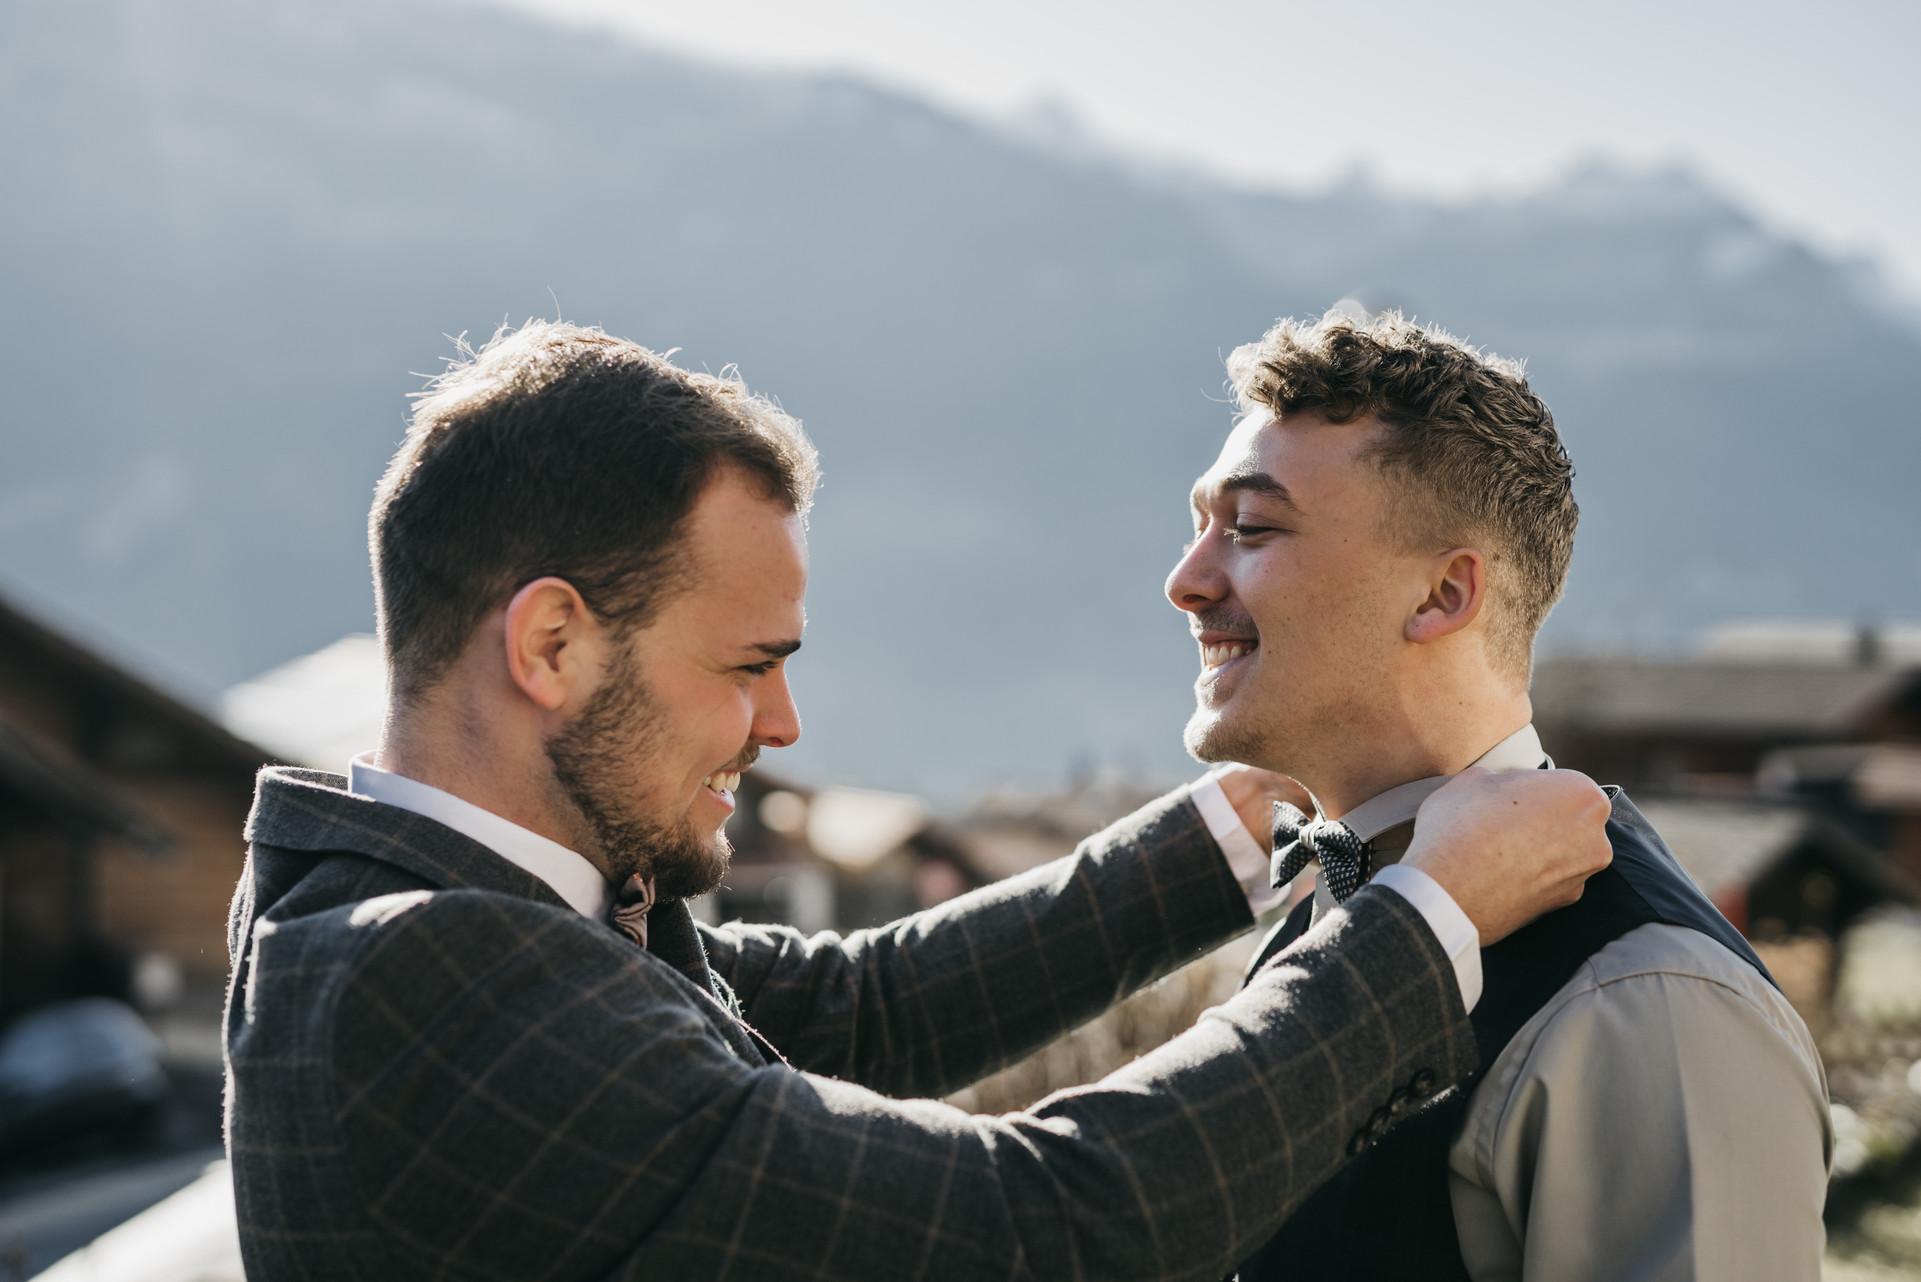 Hochzeitsfotografen-14.jpg